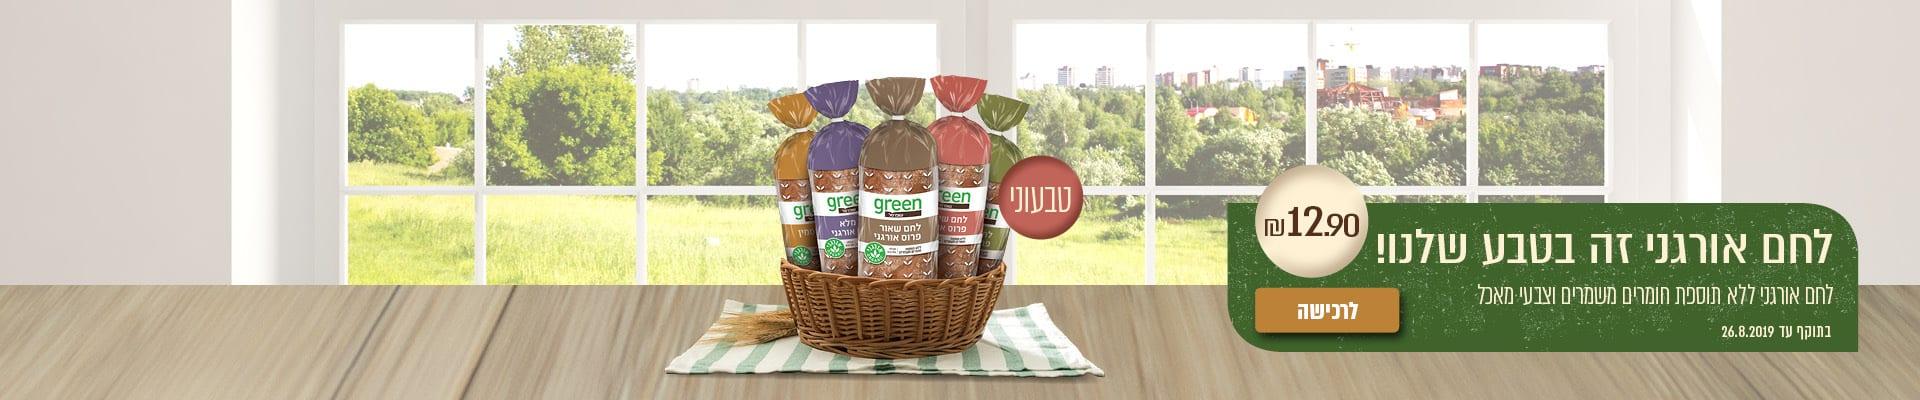 לחם אורגני ללא תוספת חומרים משמרים וצבעי מאכל ב 12.90. לרכישה>>